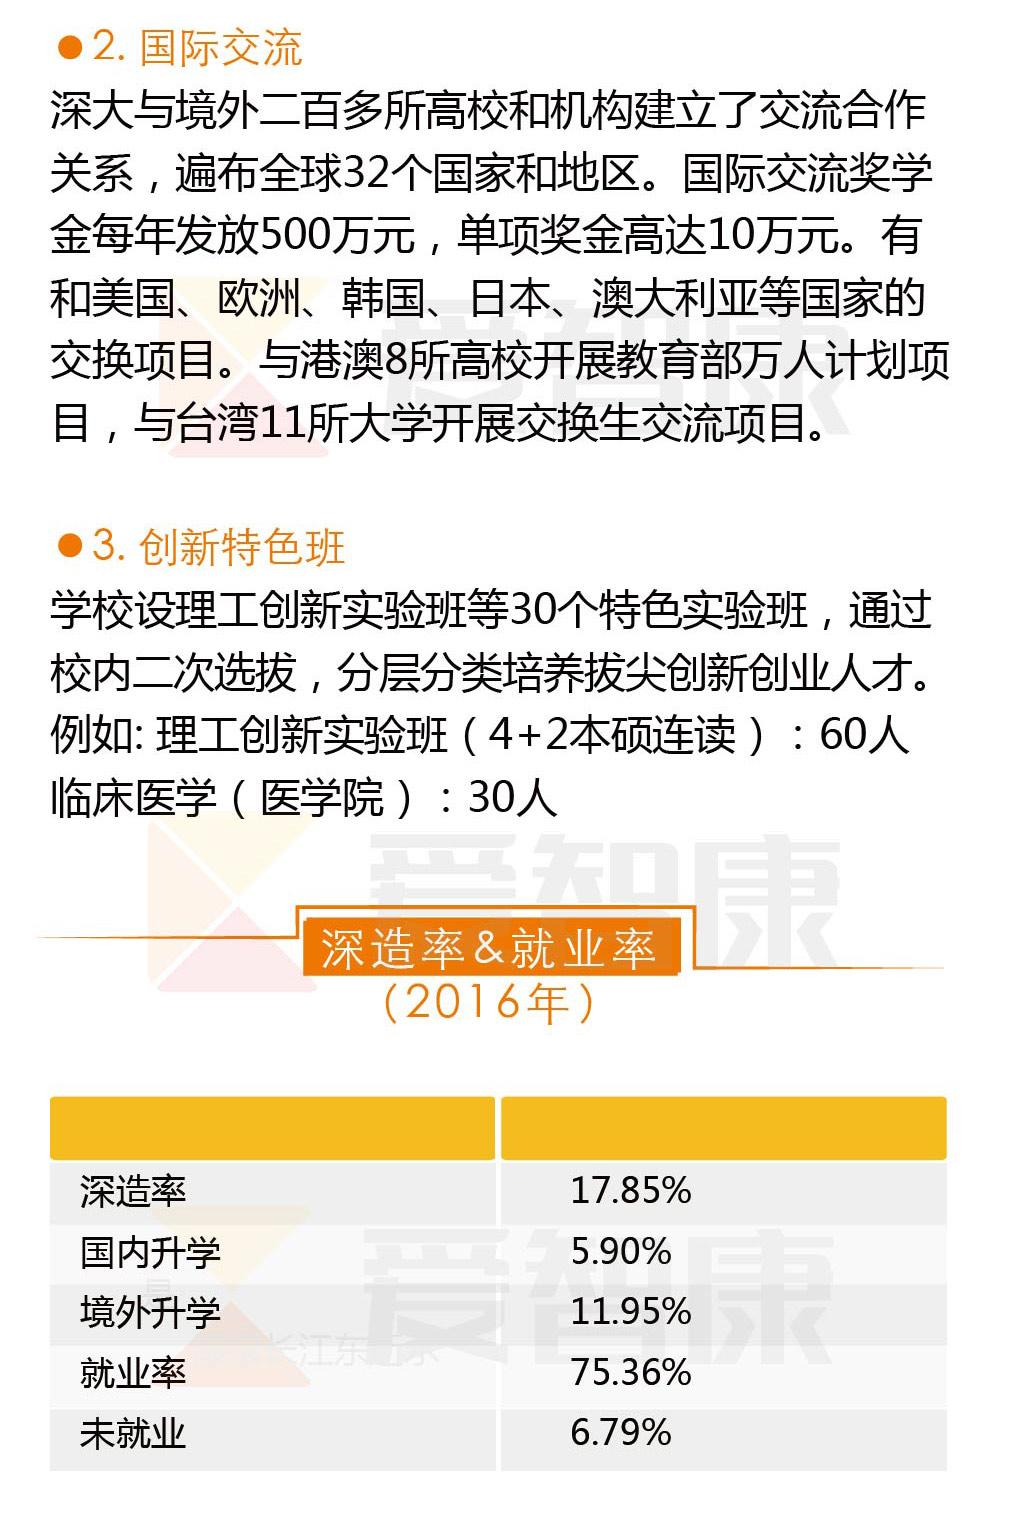 深圳大学毕业生就业率